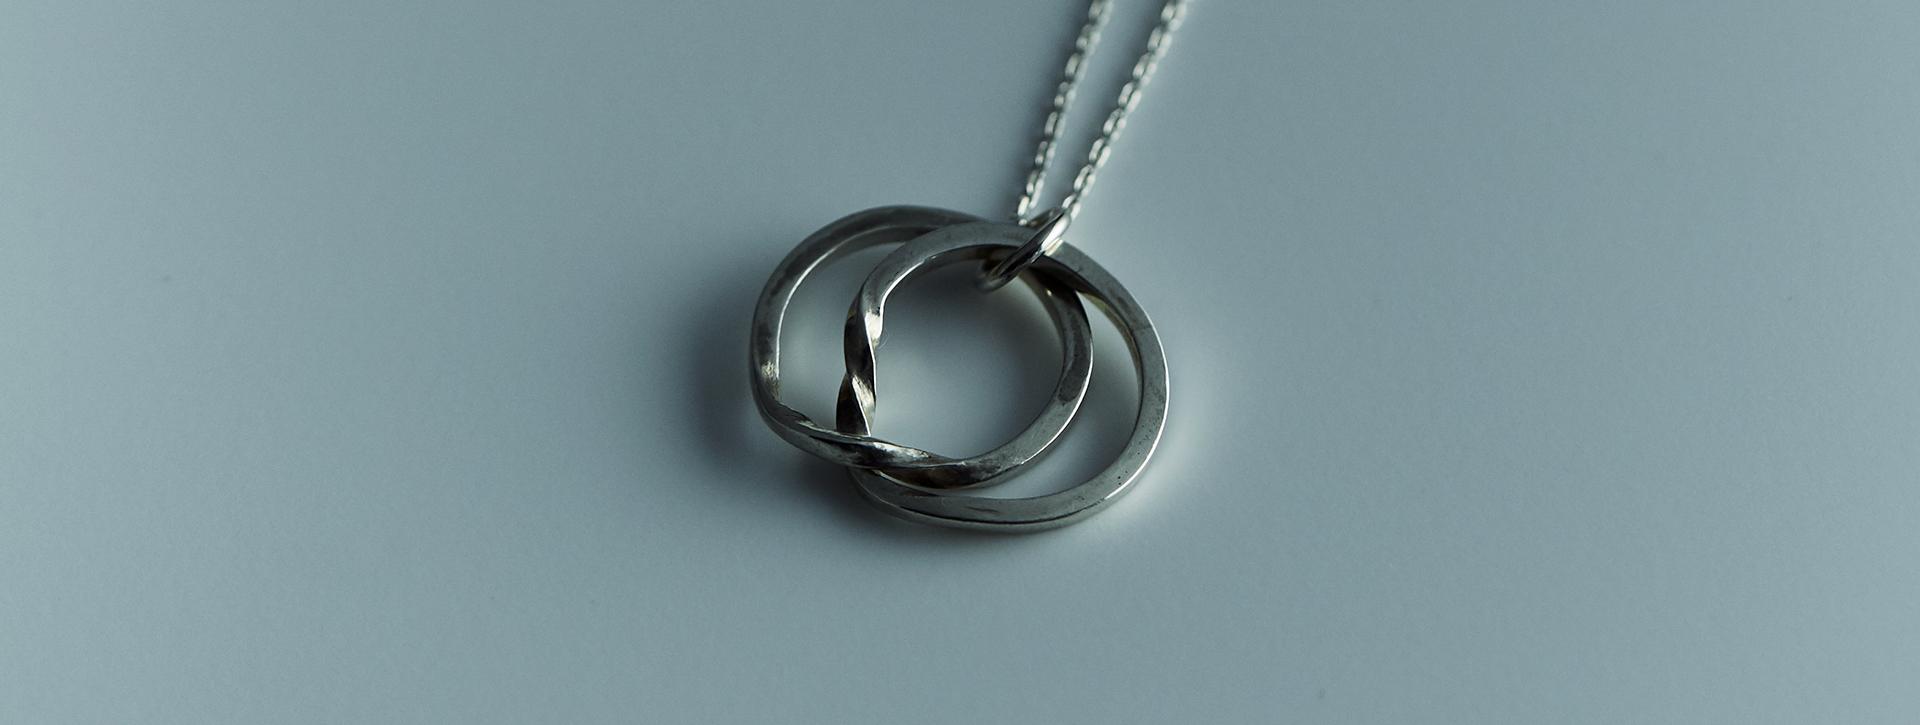 acegimmel necklace